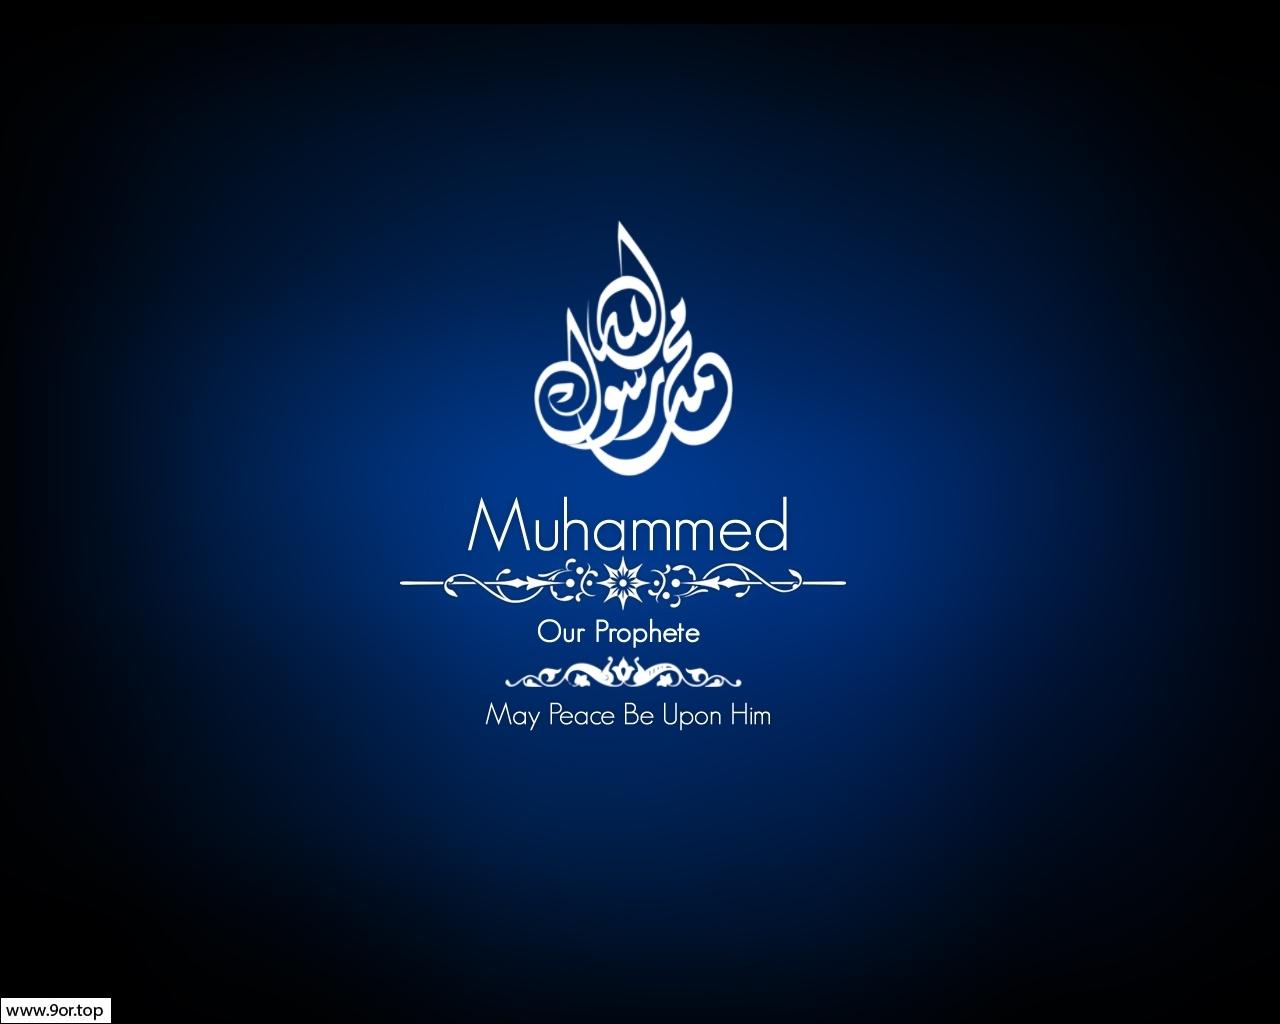 صور صور اسلاميه 2019 , اجمل الادعية الاسلامية بالصور2019